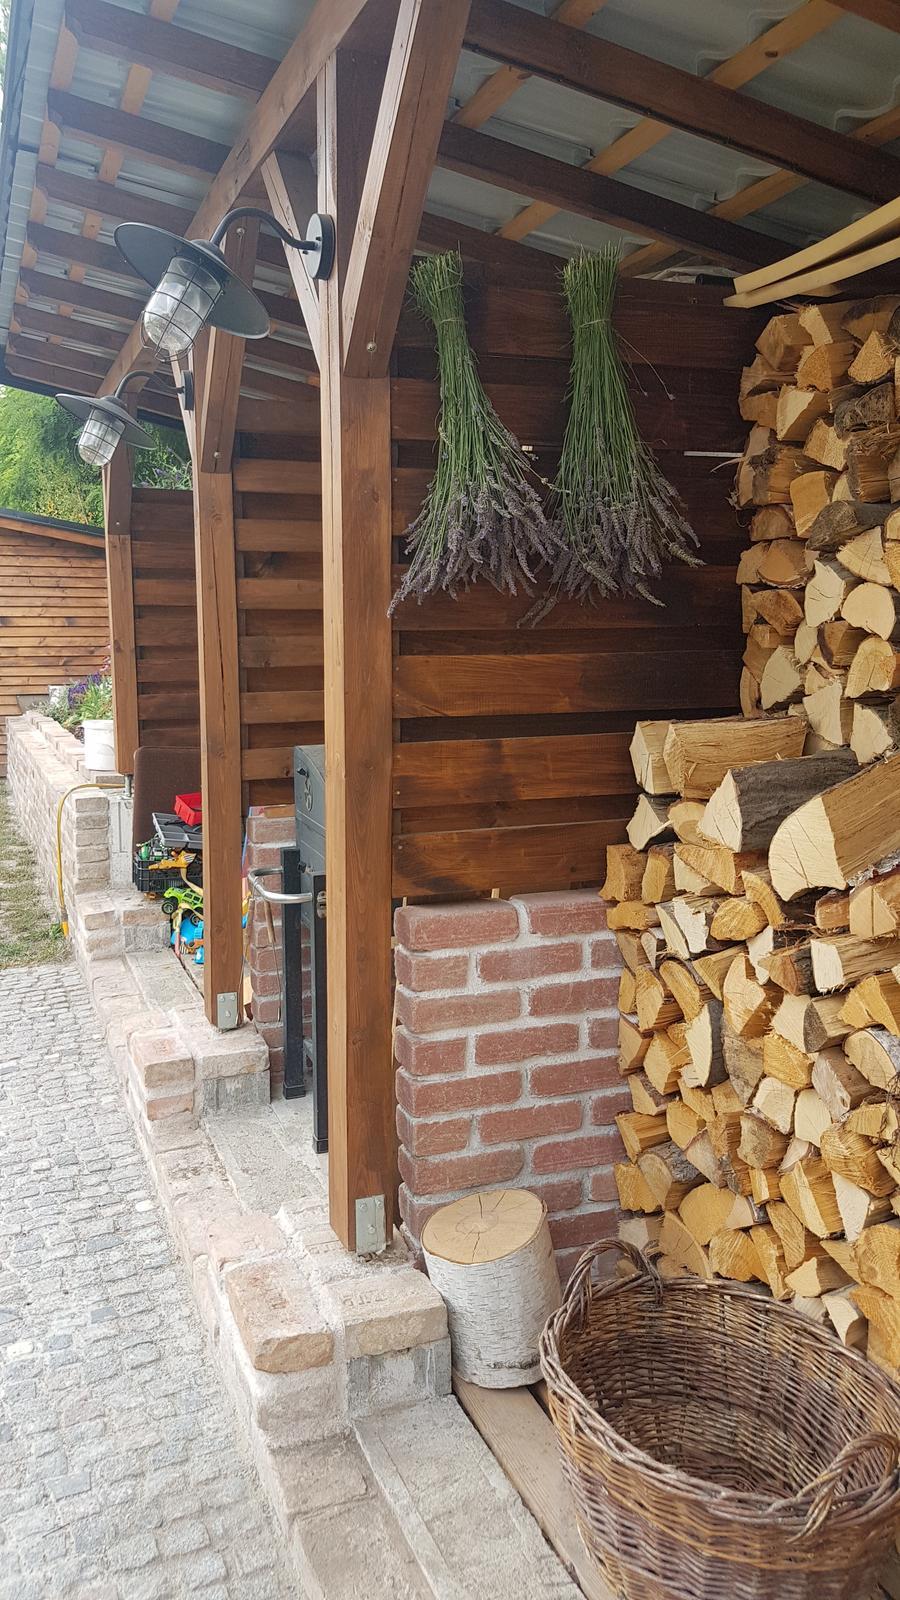 Drevník a kafé kútik - projekt roku  2018 - Obrázek č. 163